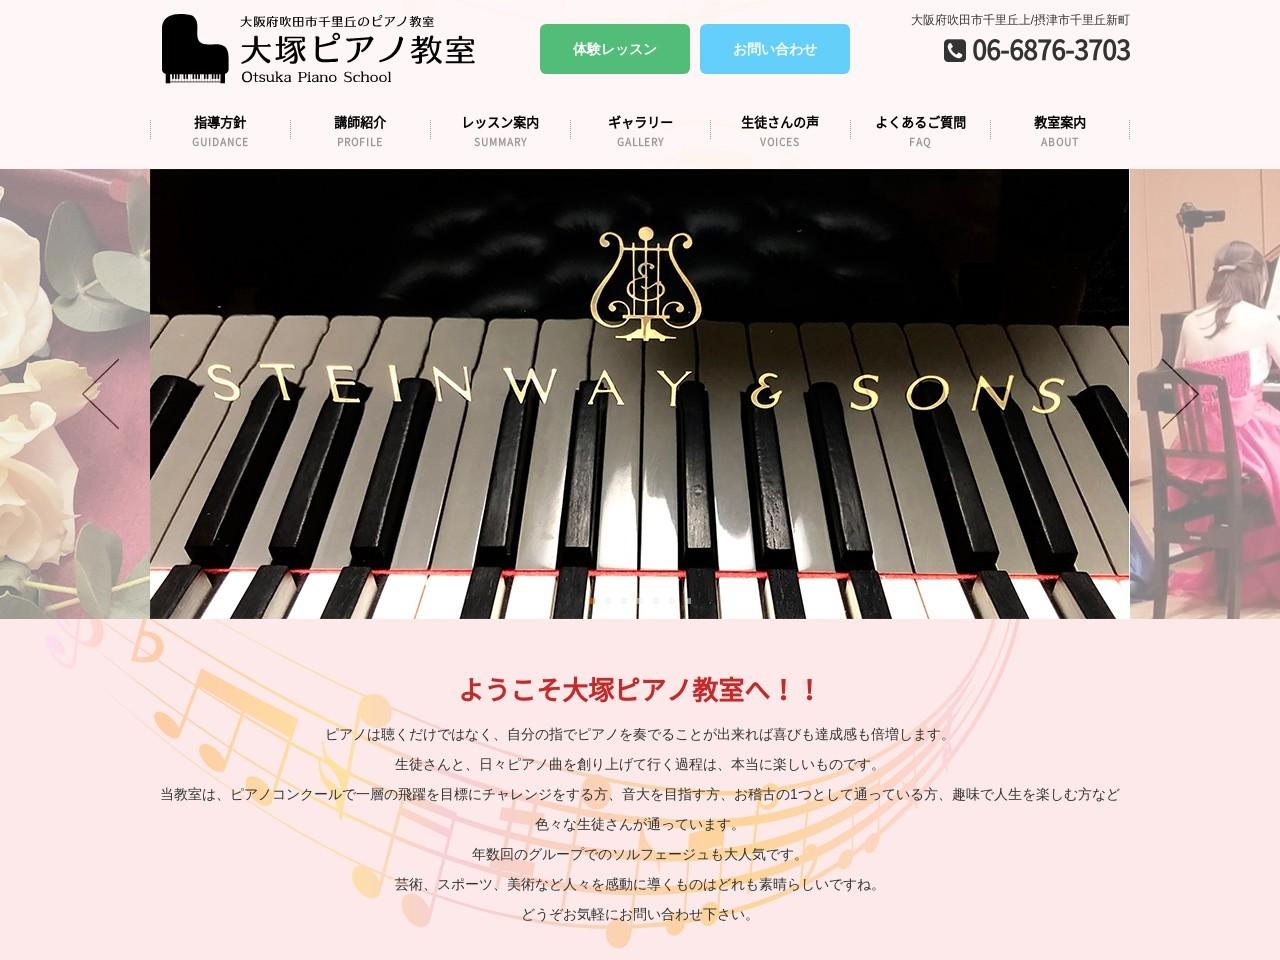 大塚ピアノ教室のサムネイル